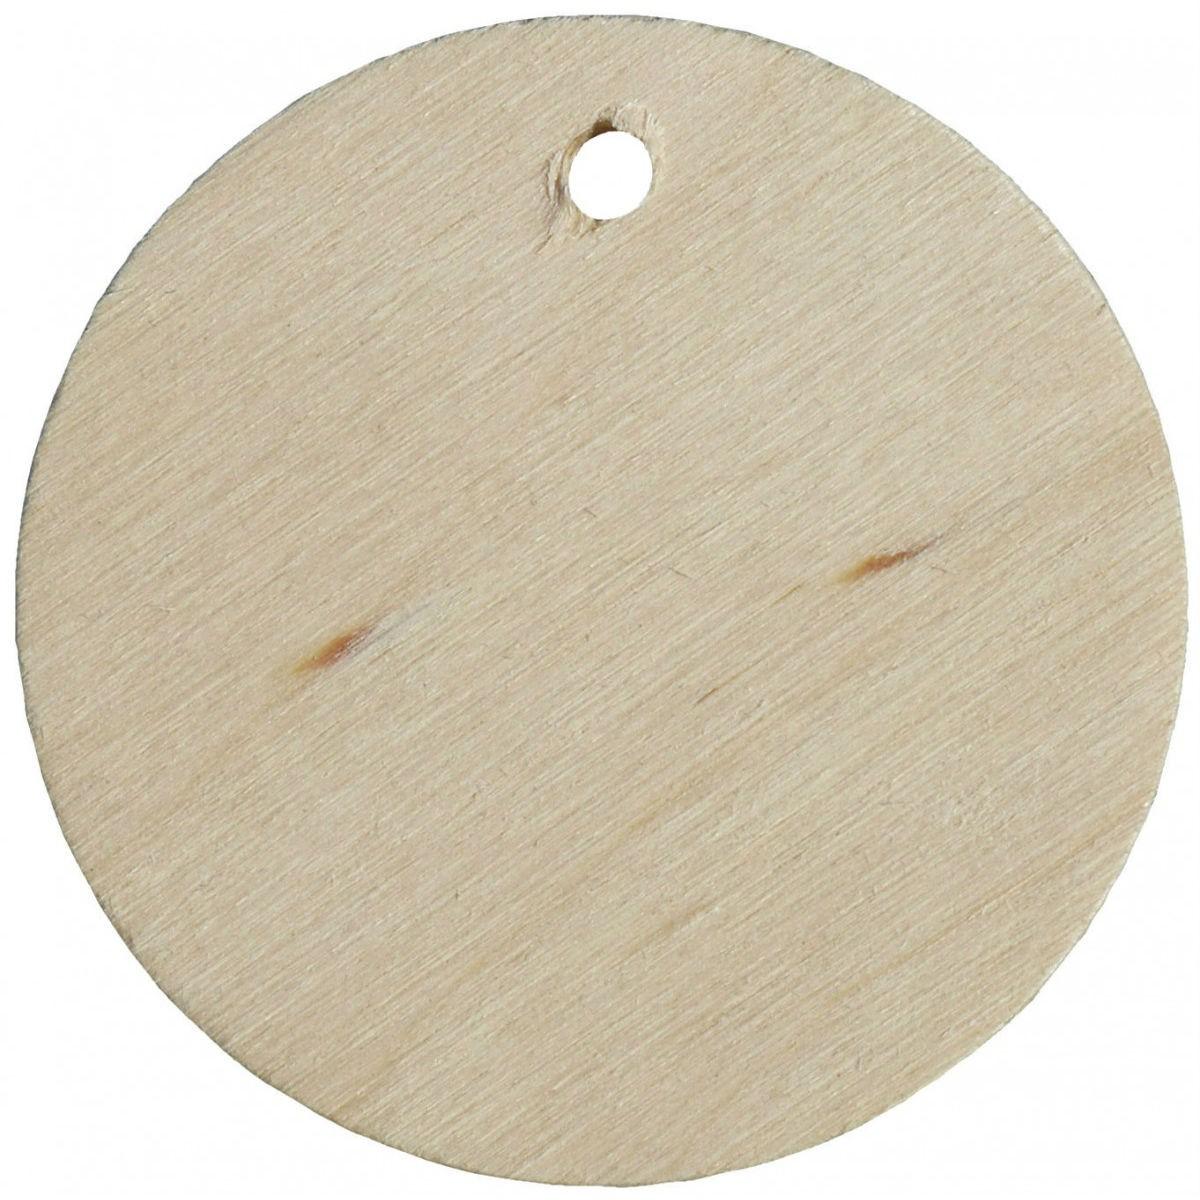 10 holzscheiben rund 5cm namensschild holz zum basteln. Black Bedroom Furniture Sets. Home Design Ideas